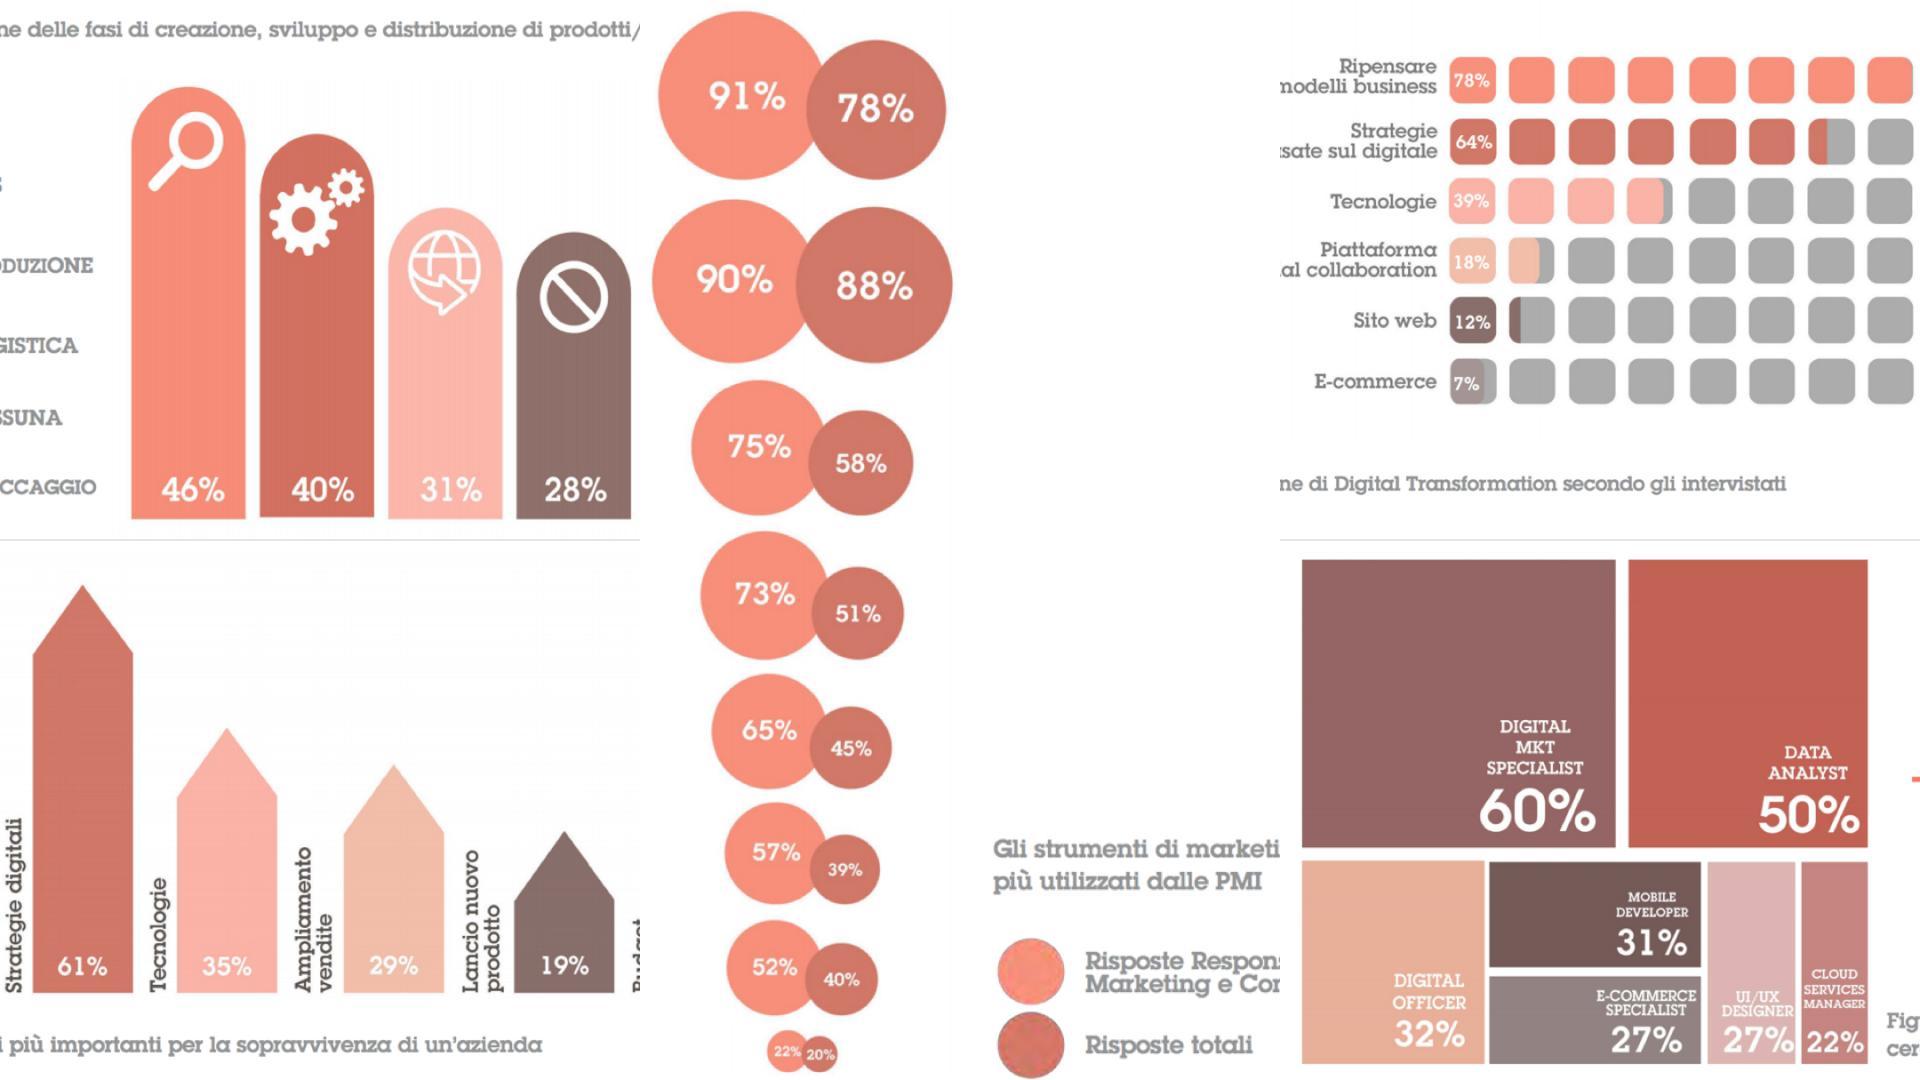 Investimenti digital transformation nelle aziende italiane